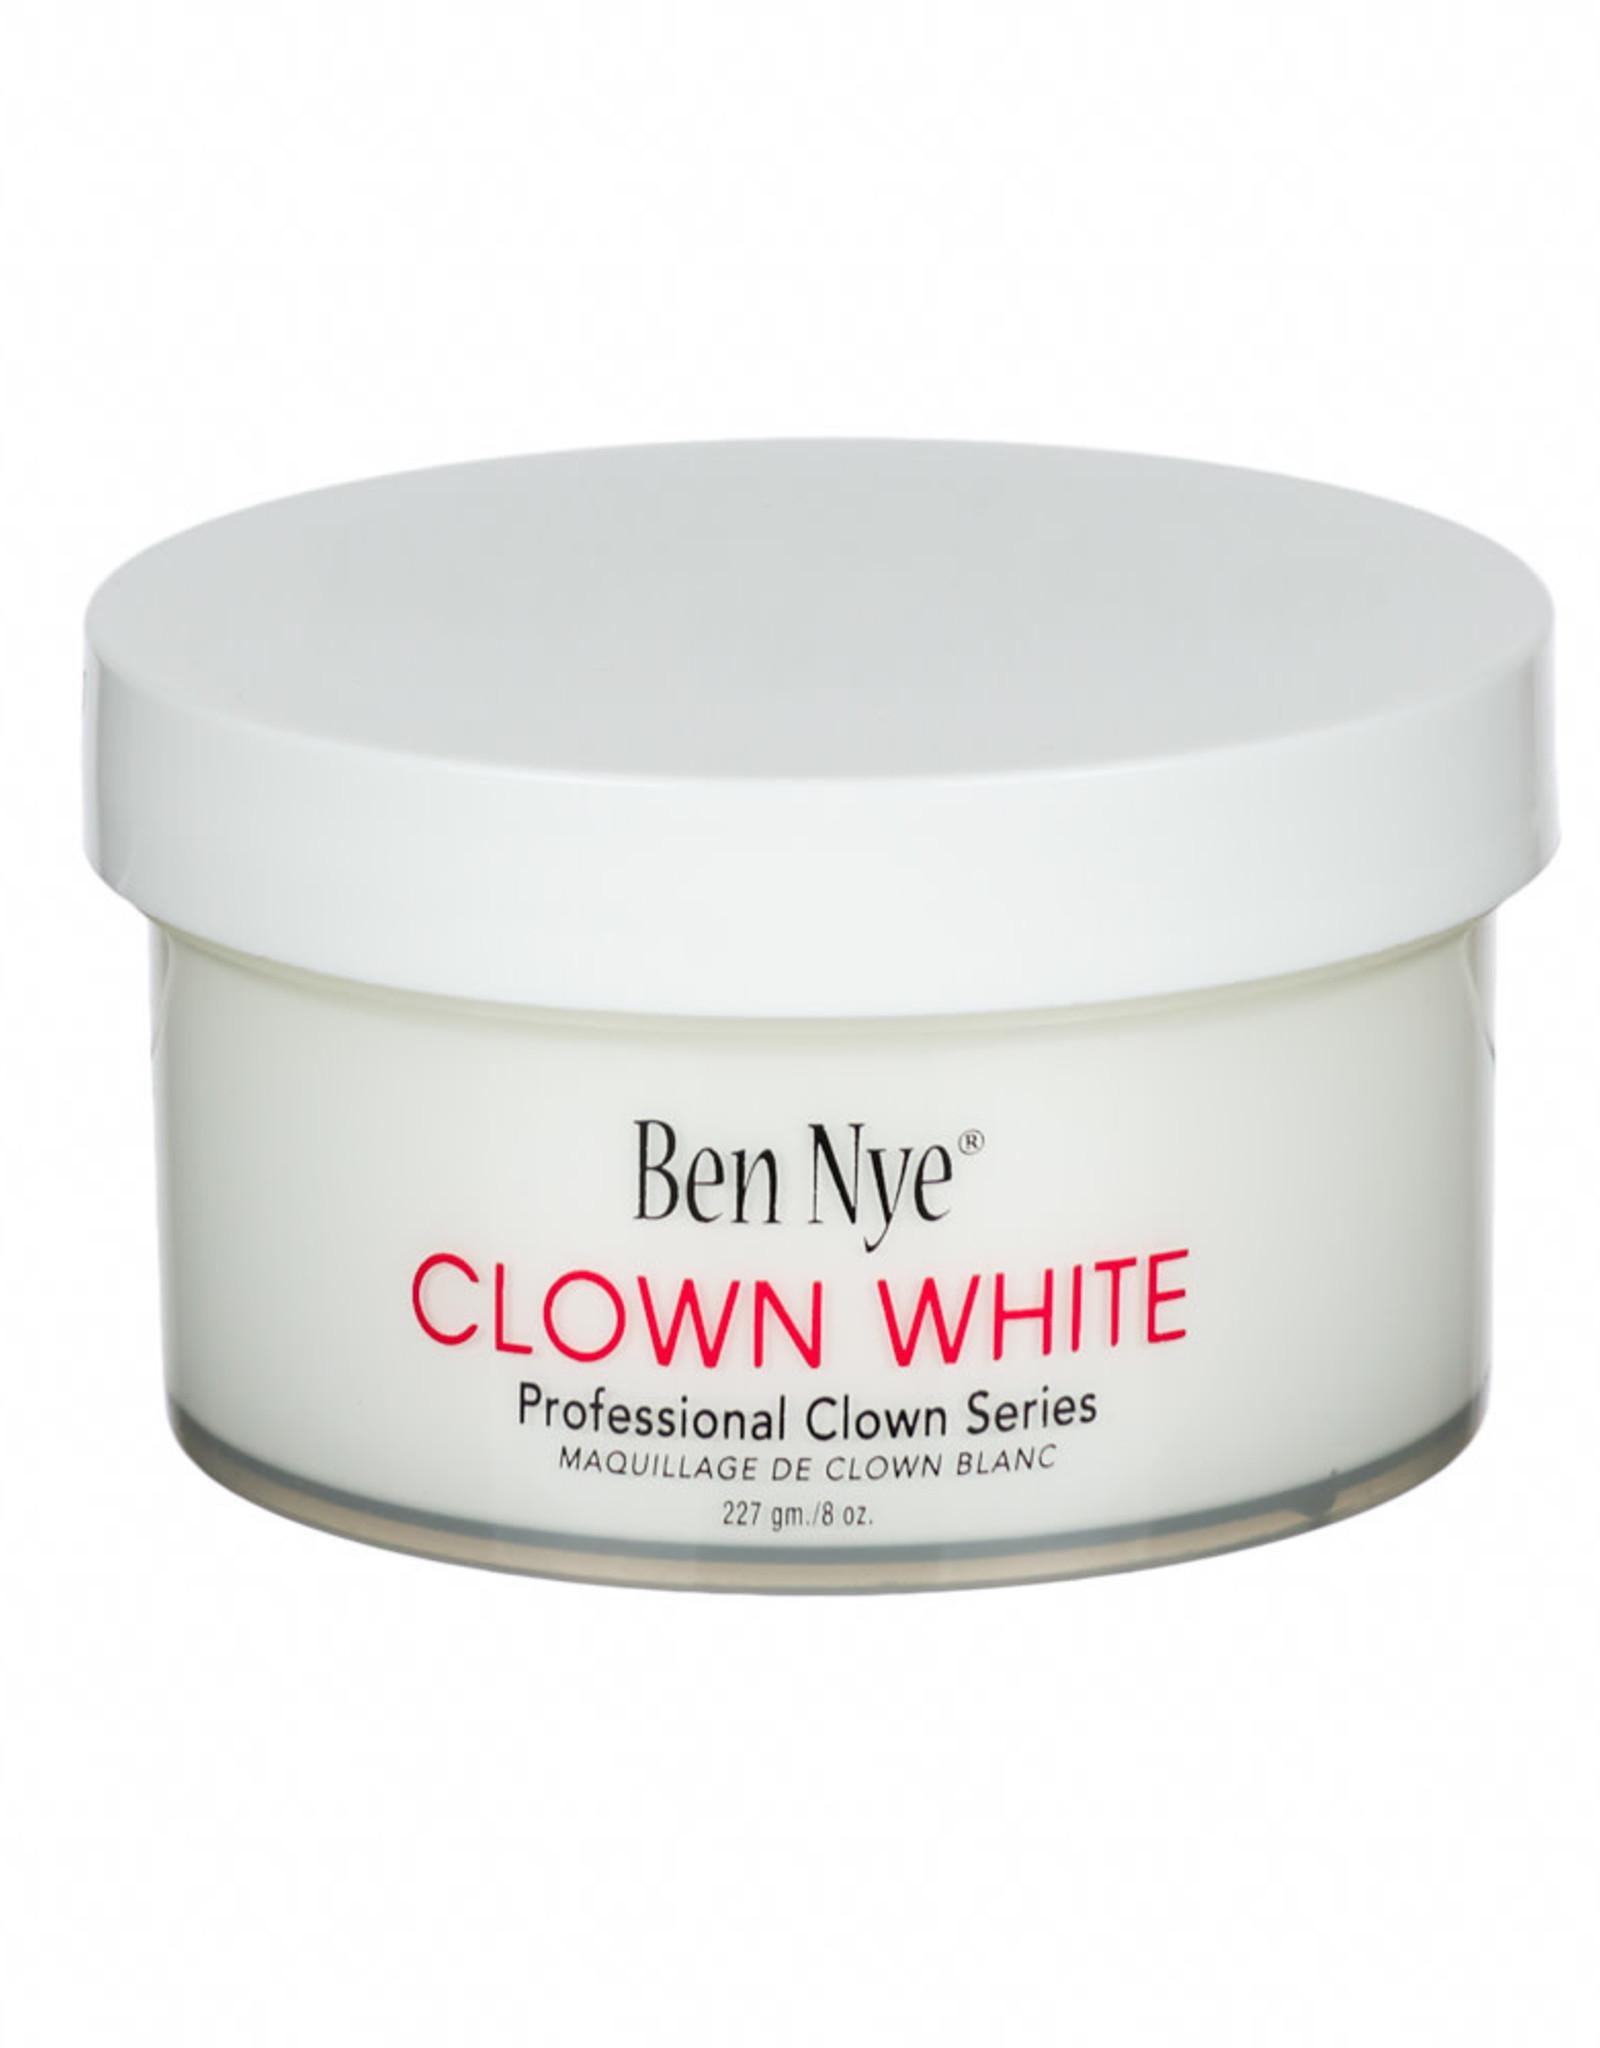 Ben Nye CLOWN WHITE, 8 OZ